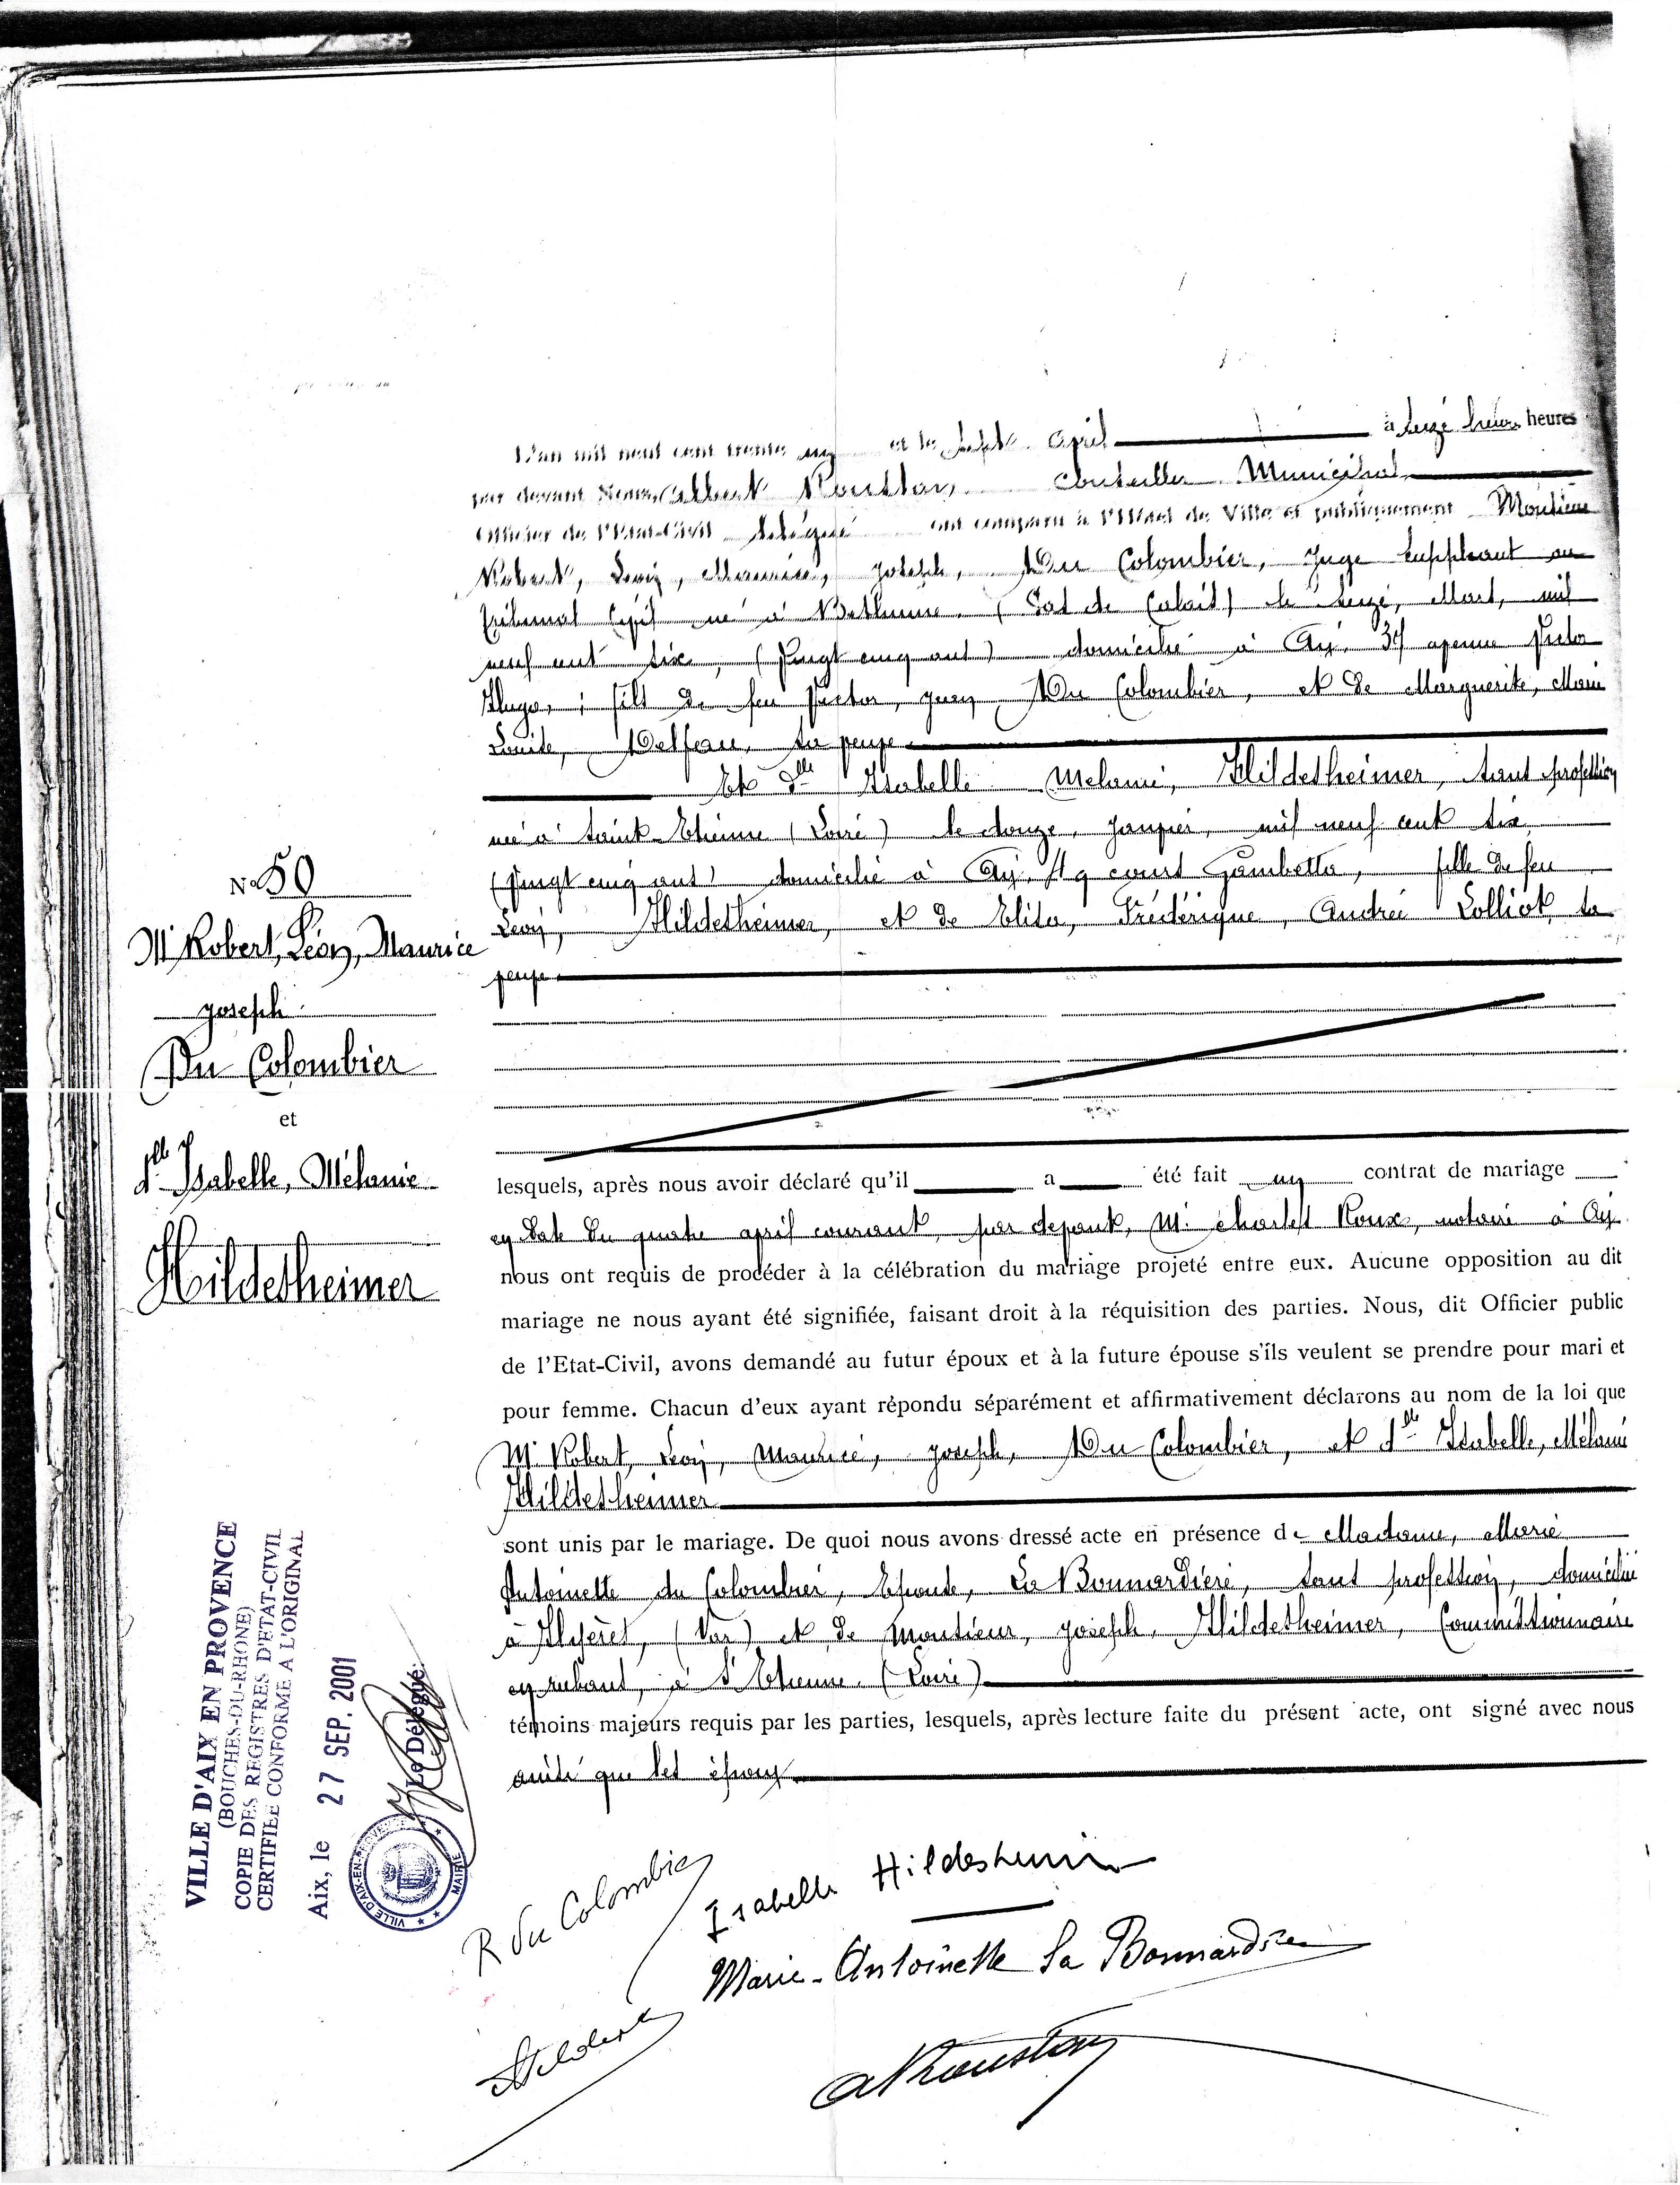 x 1931 du COLOMBIER Robert Léon Maurice & HILDESHEIMER Isabelle Mélanie